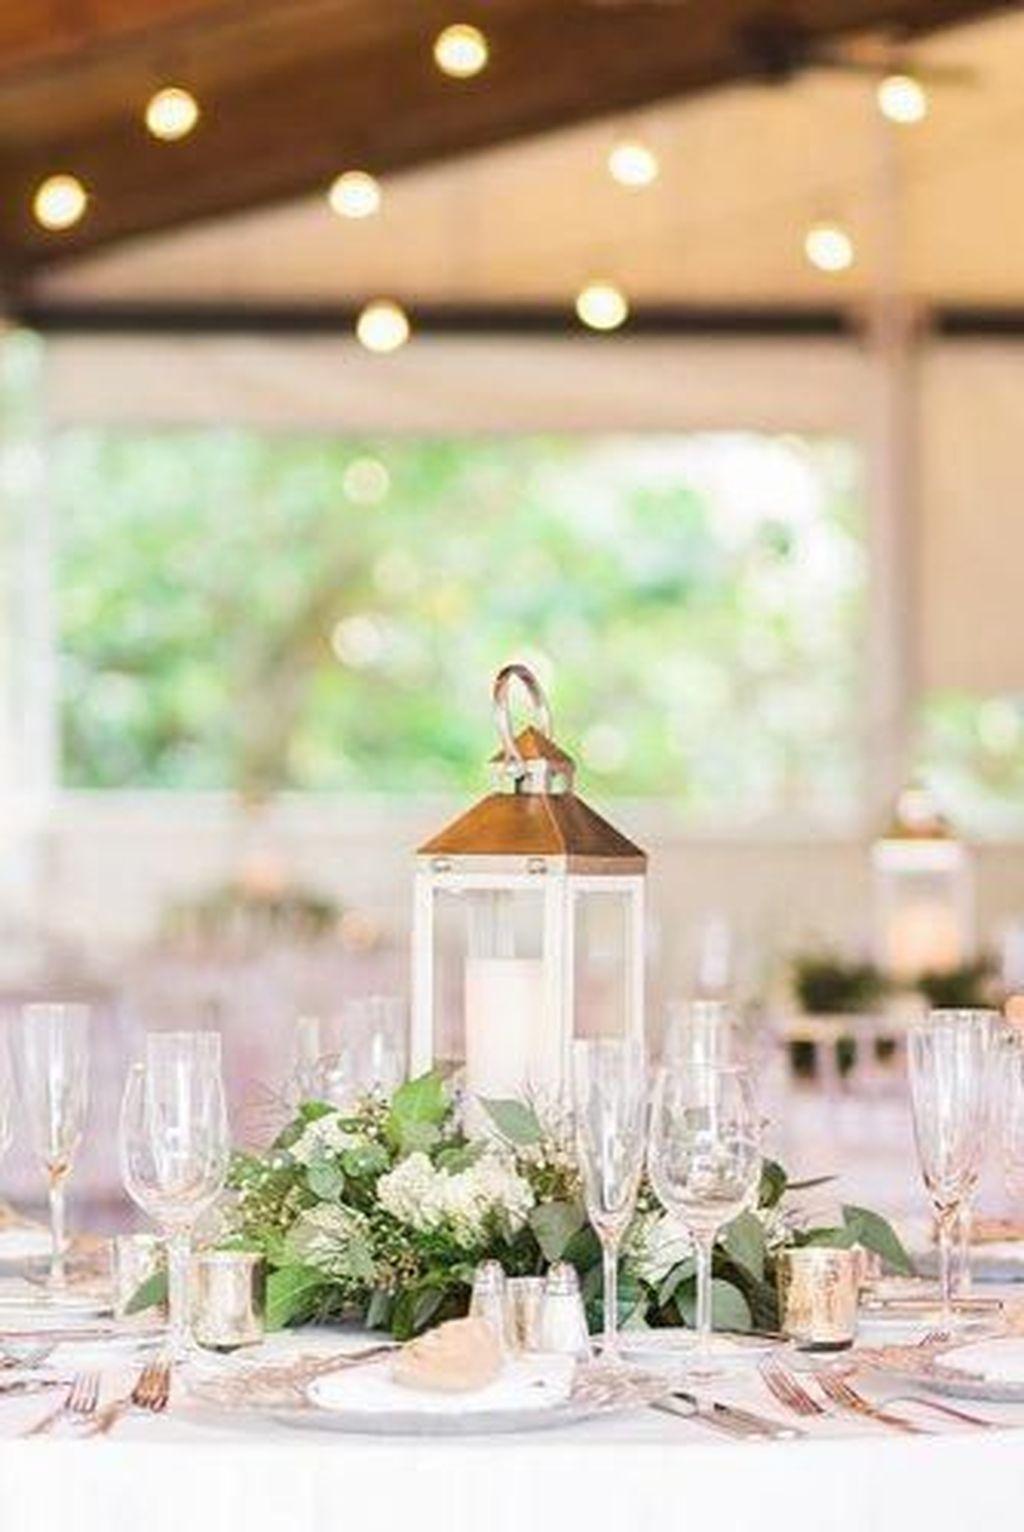 Stunning Winter Lantern Centerpieces For Wedding 07